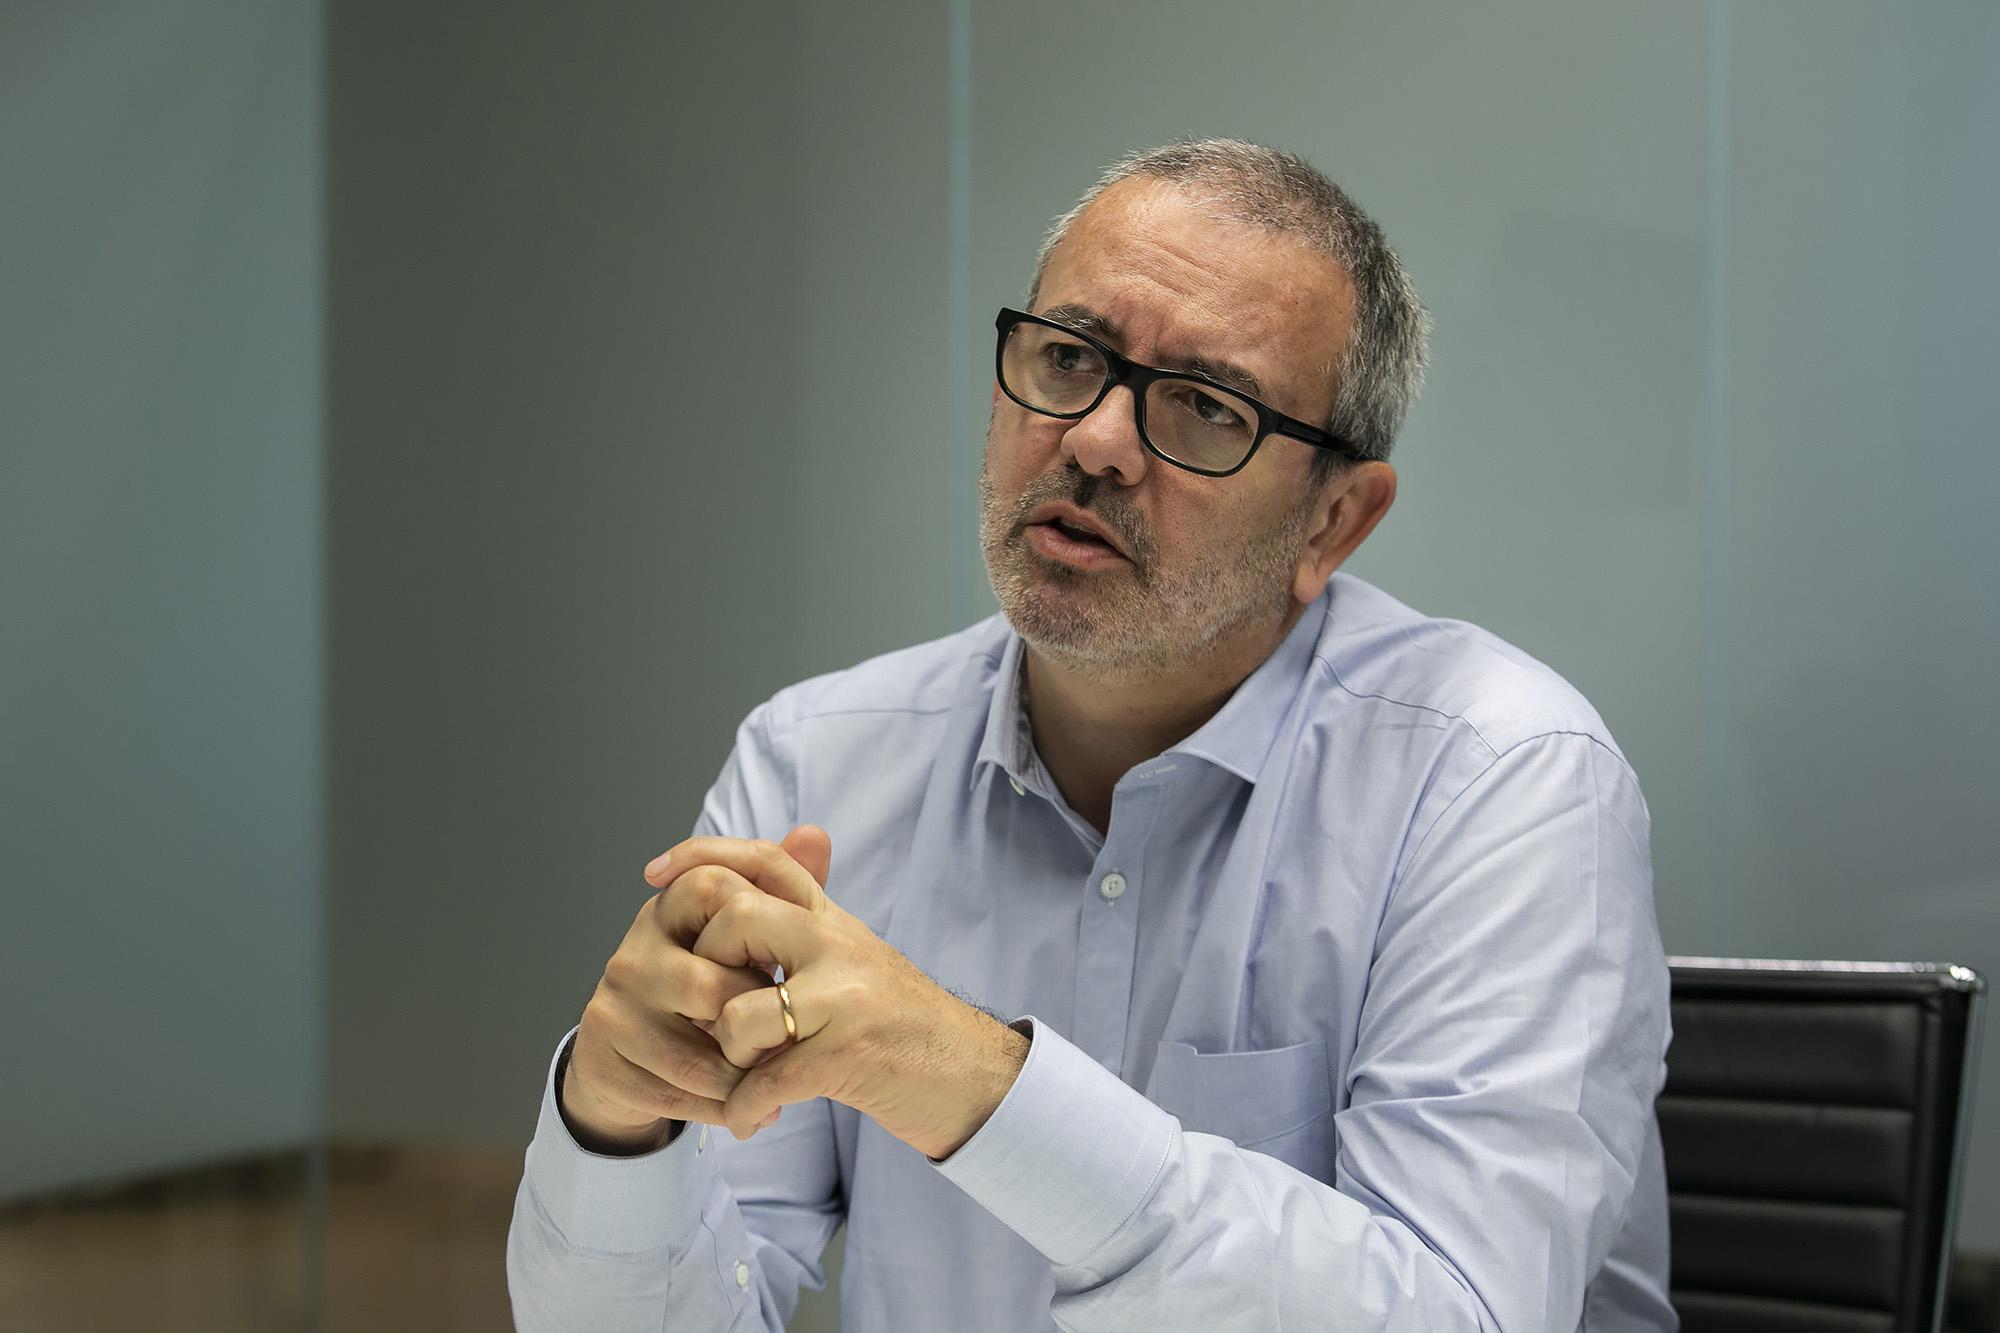 João Bugalho, CEO da Whitestar, em entrevista ao ECO